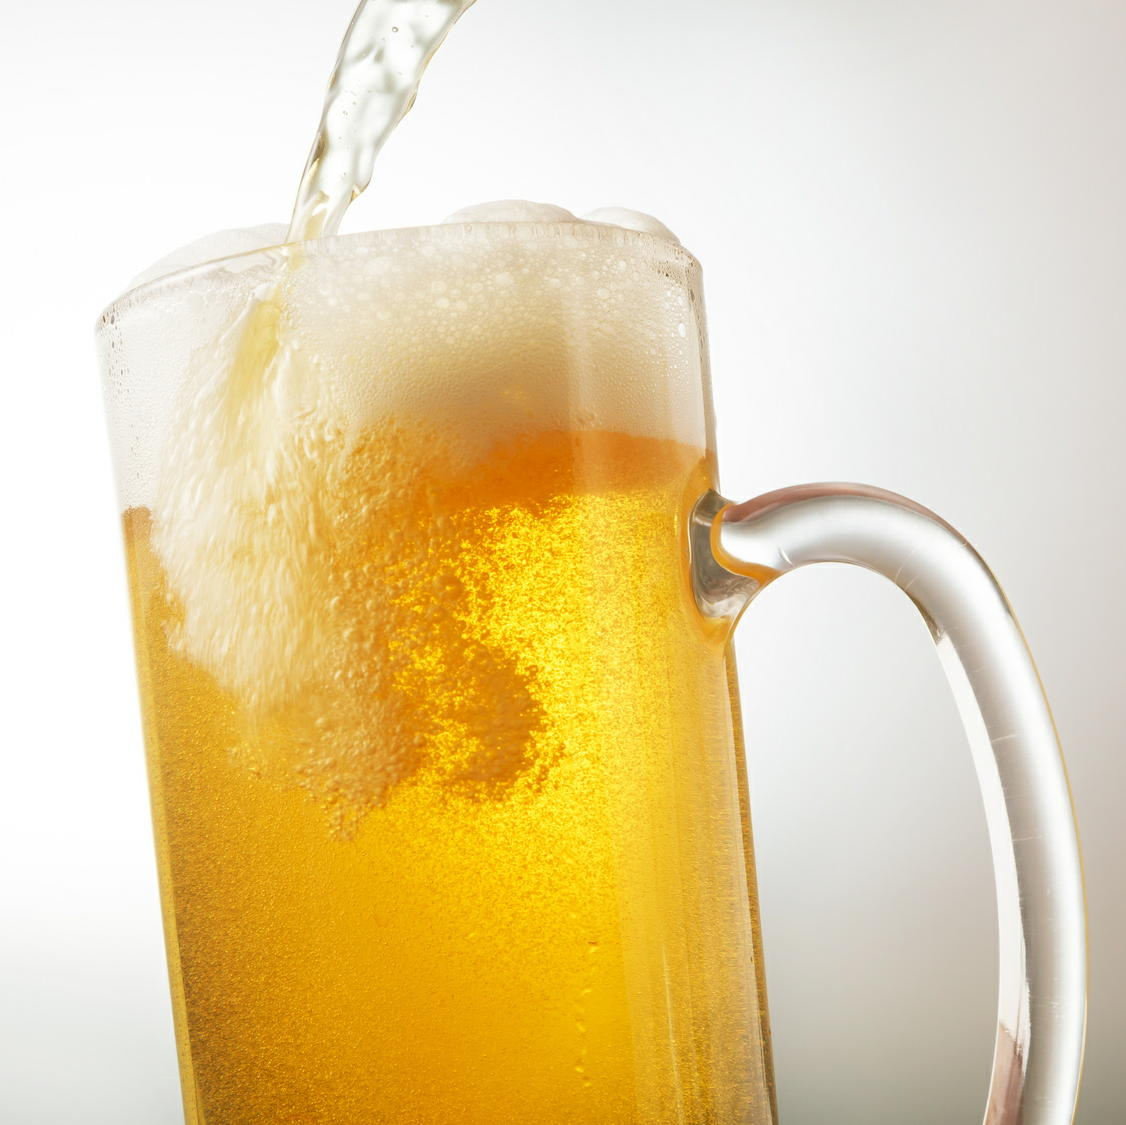 適量のアルコールでも脳には悪影響が 海馬の萎縮リスクが3倍以上に